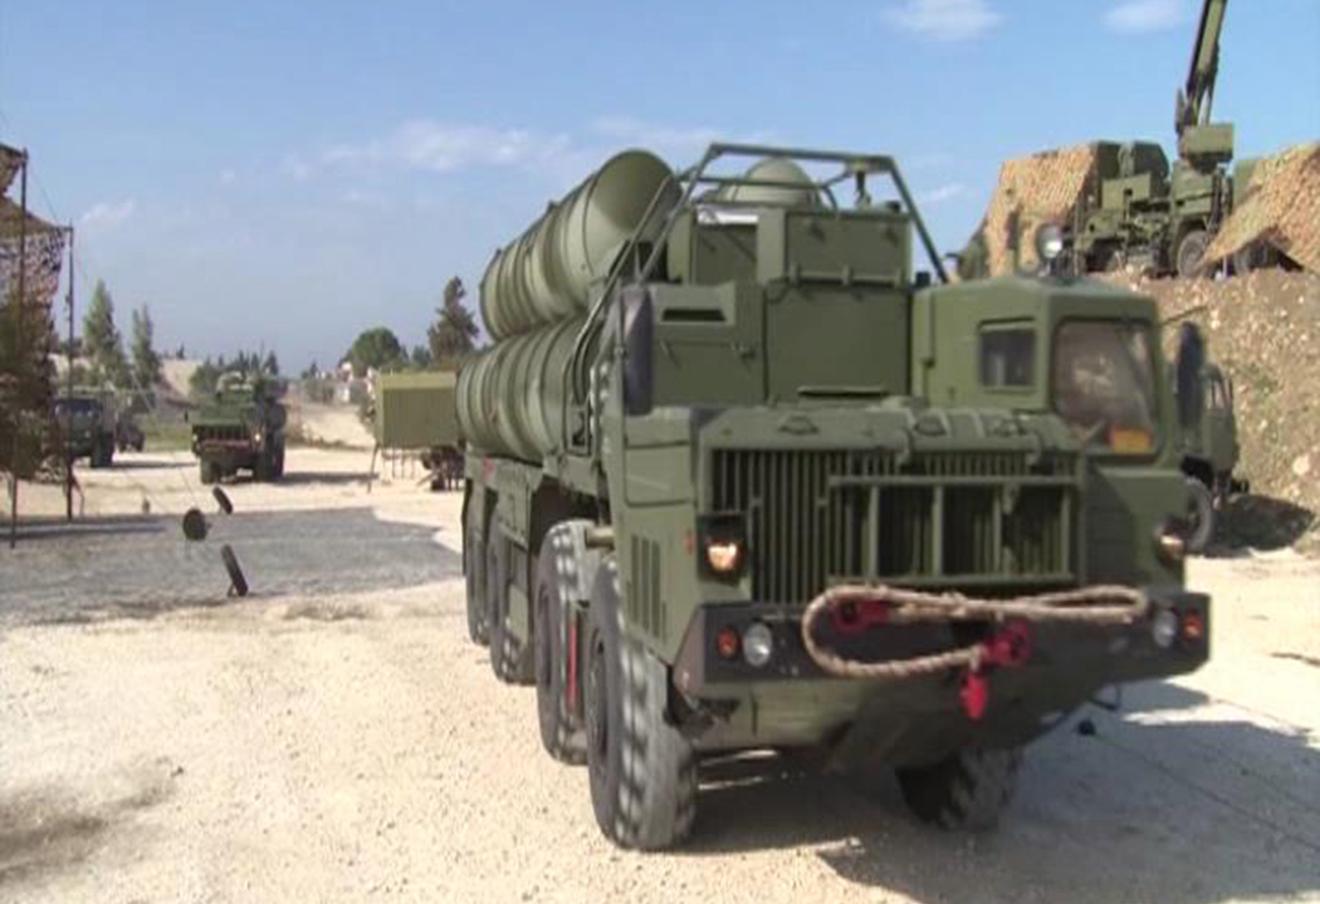 Прибытие зенитного ракетного комплекса С-400 на авиабазу Хмеймим в Сирии.